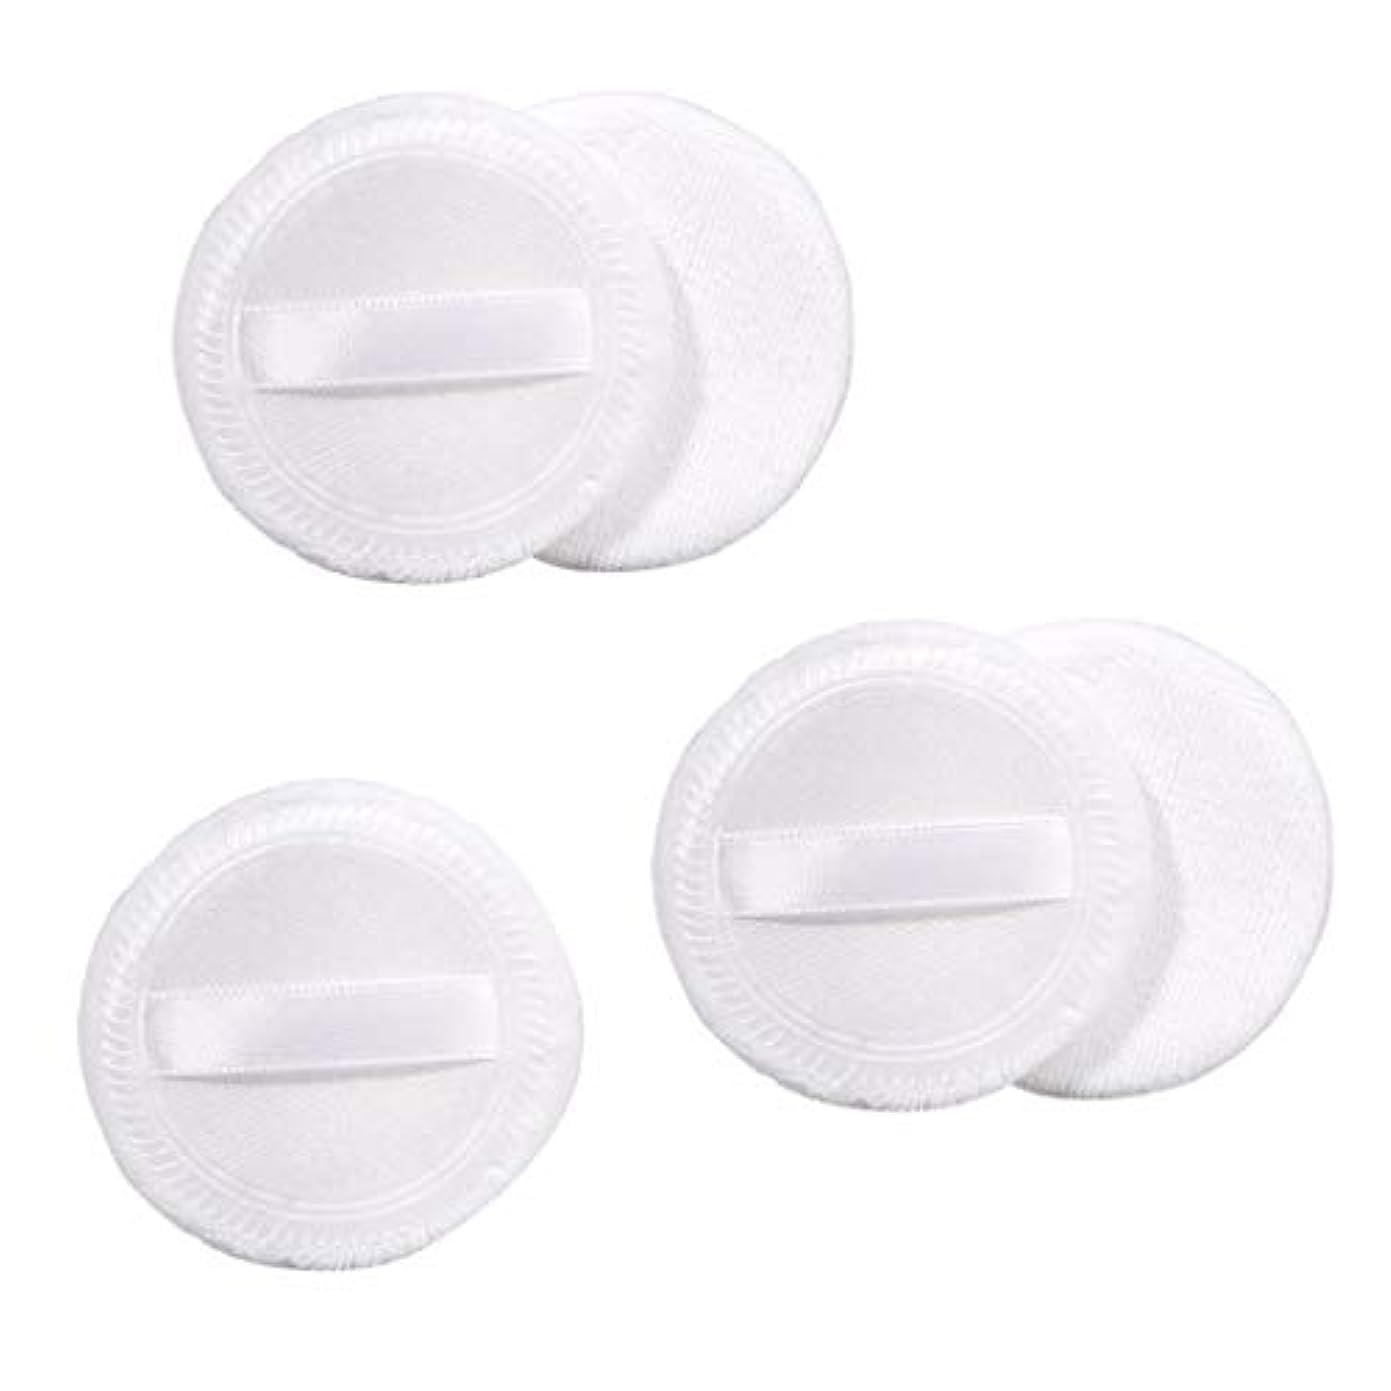 ディンカルビル便宜適用済みパウダーパフ クッションファンデーション 化粧スポンジ 再利用可能 5本セット 全3色 - ホワイト